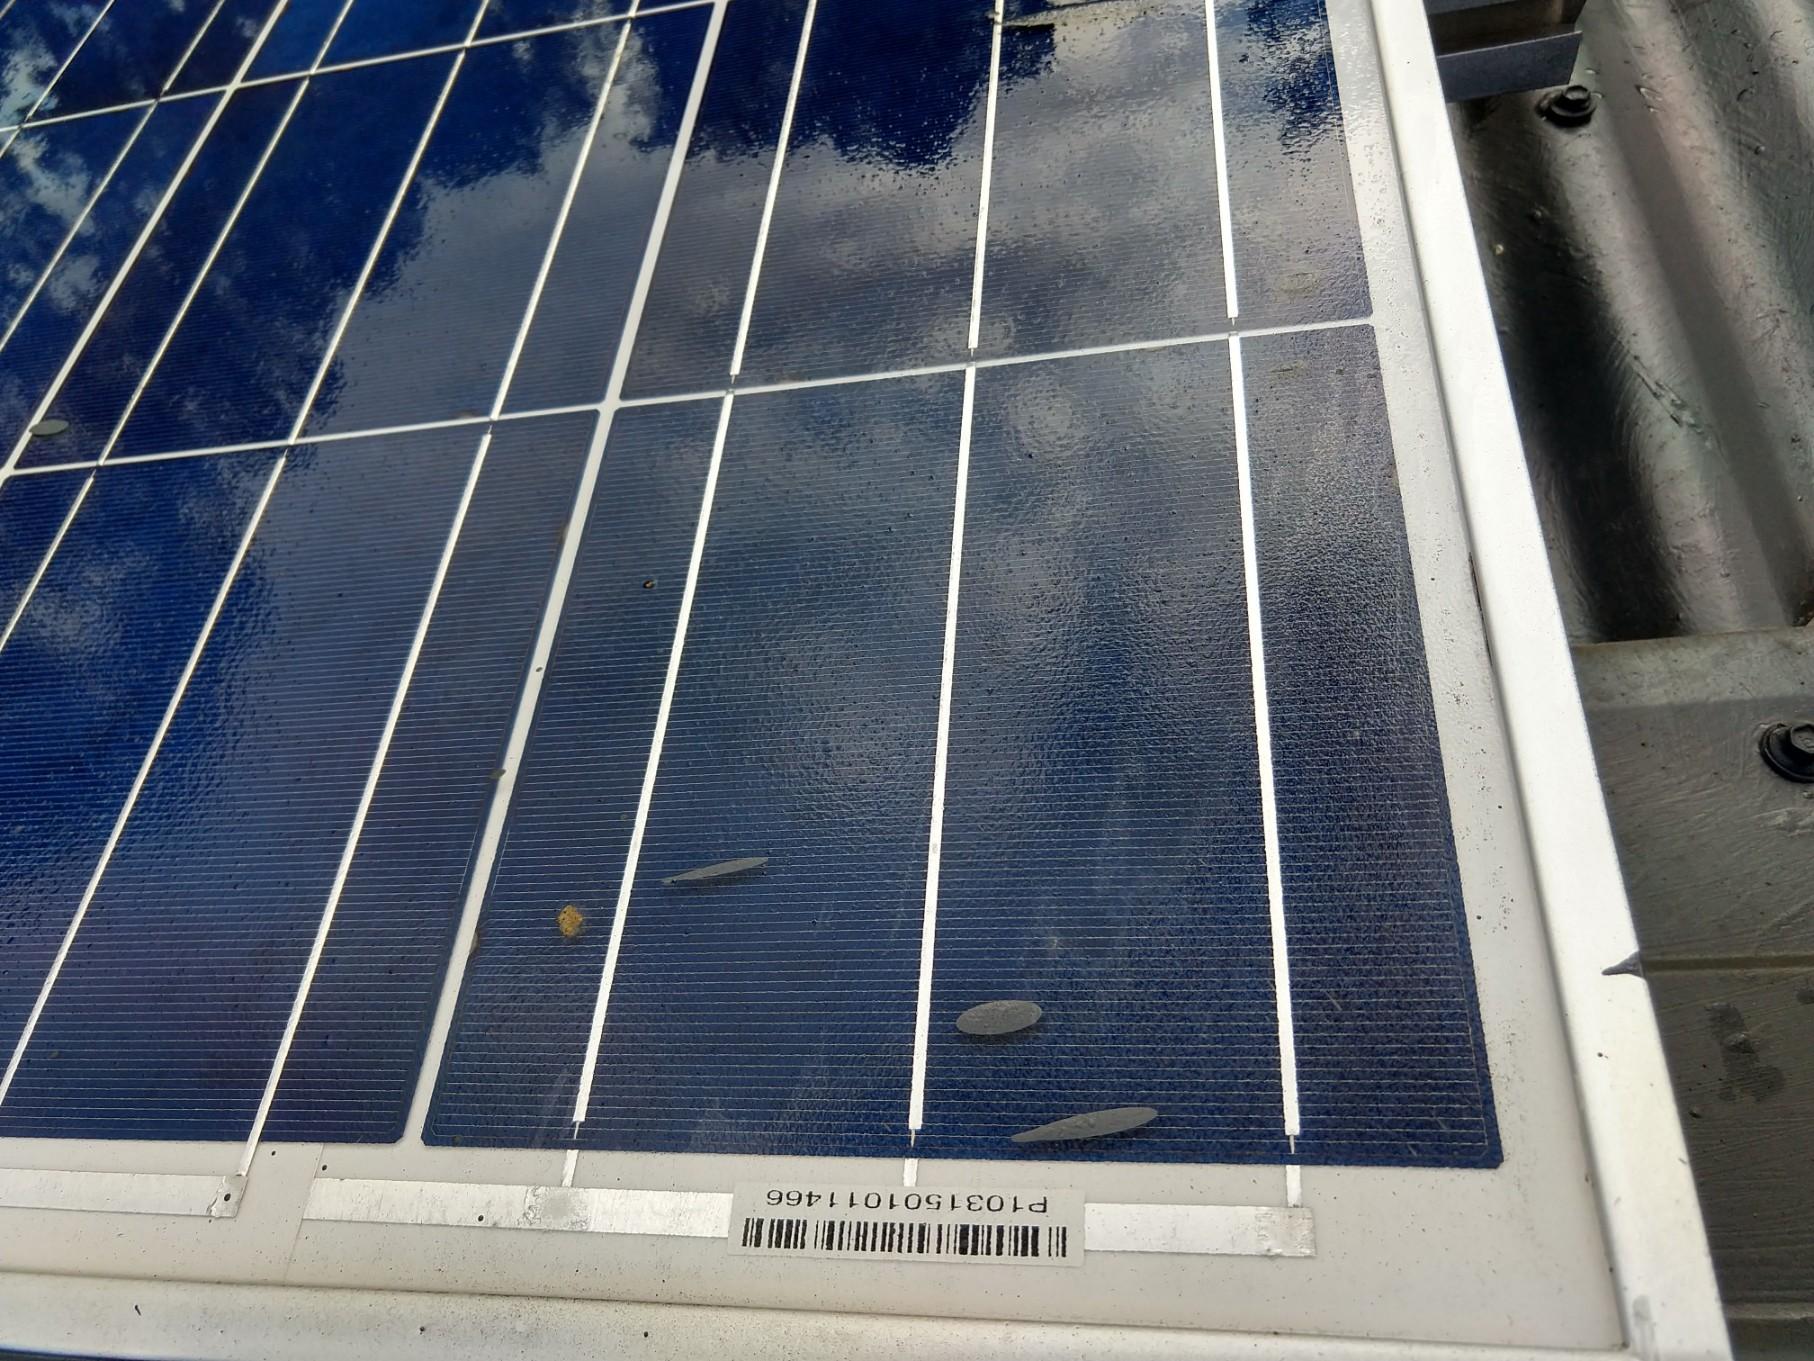 Paint on Solar Panel 2